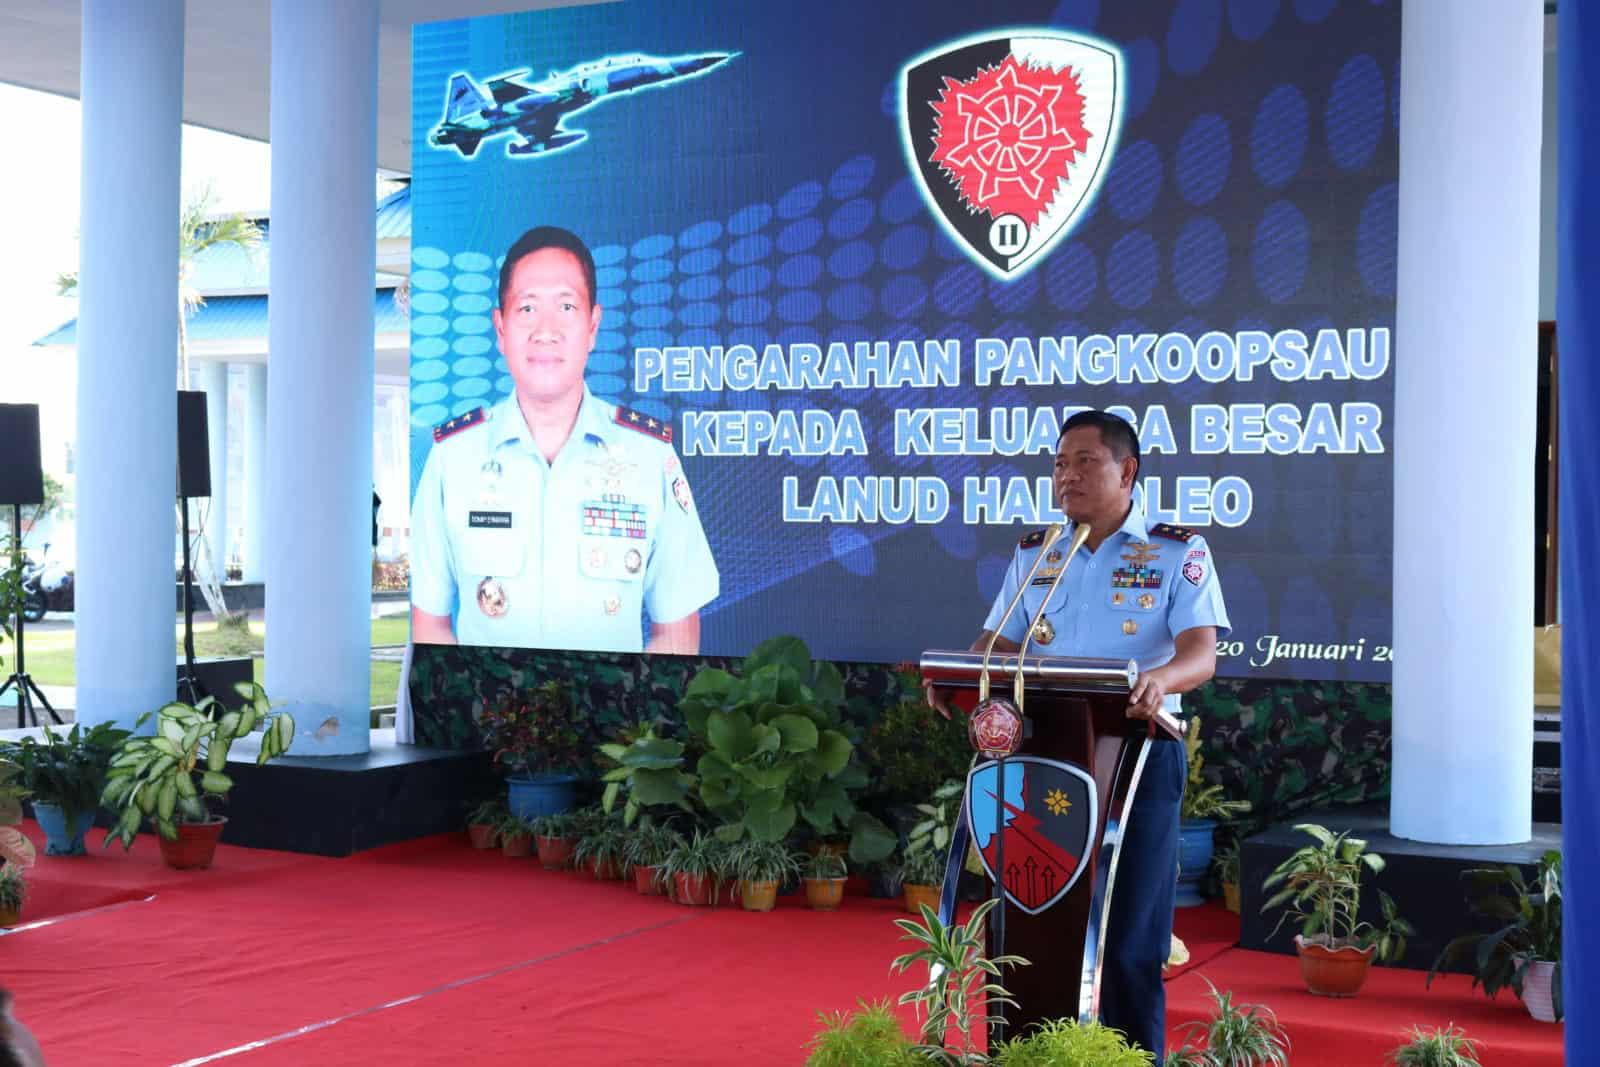 Pangkoopsau II berikan Pengarahan di hadapan Keluarga Besar Lanud Haluoleo